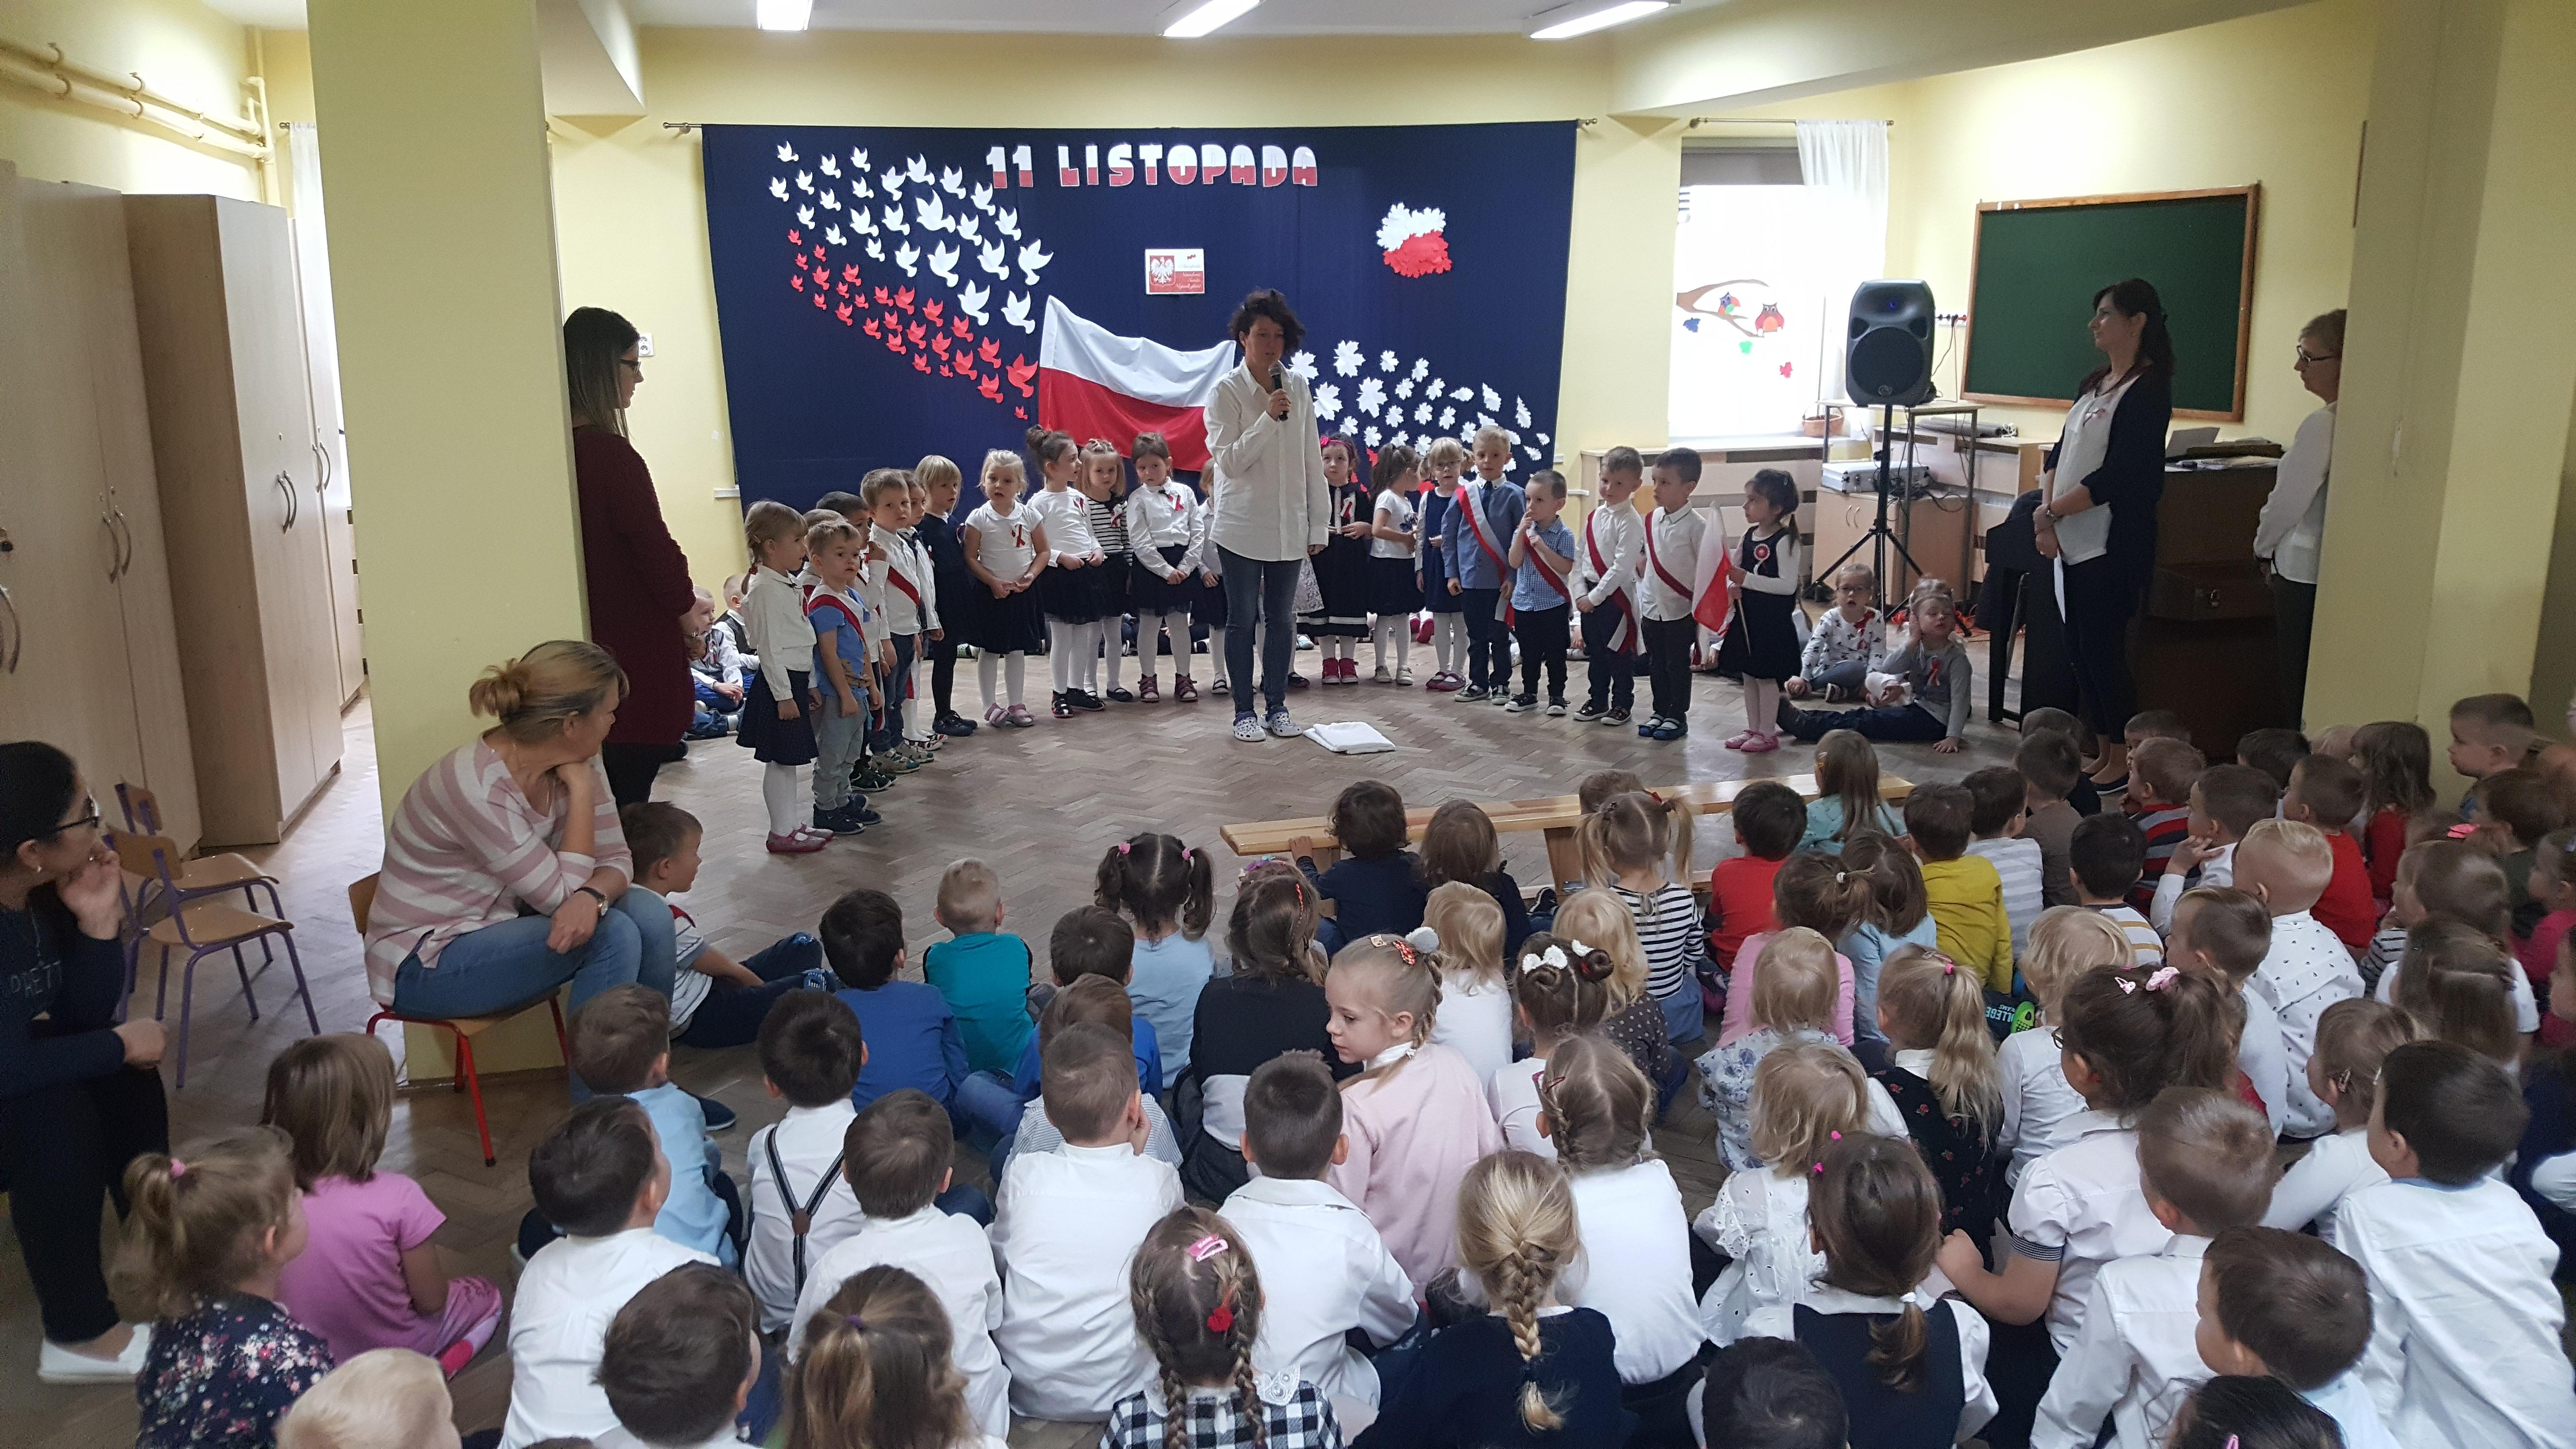 Uroczyste obchody Święta Niepodległości Polski w naszym przedszkolu.